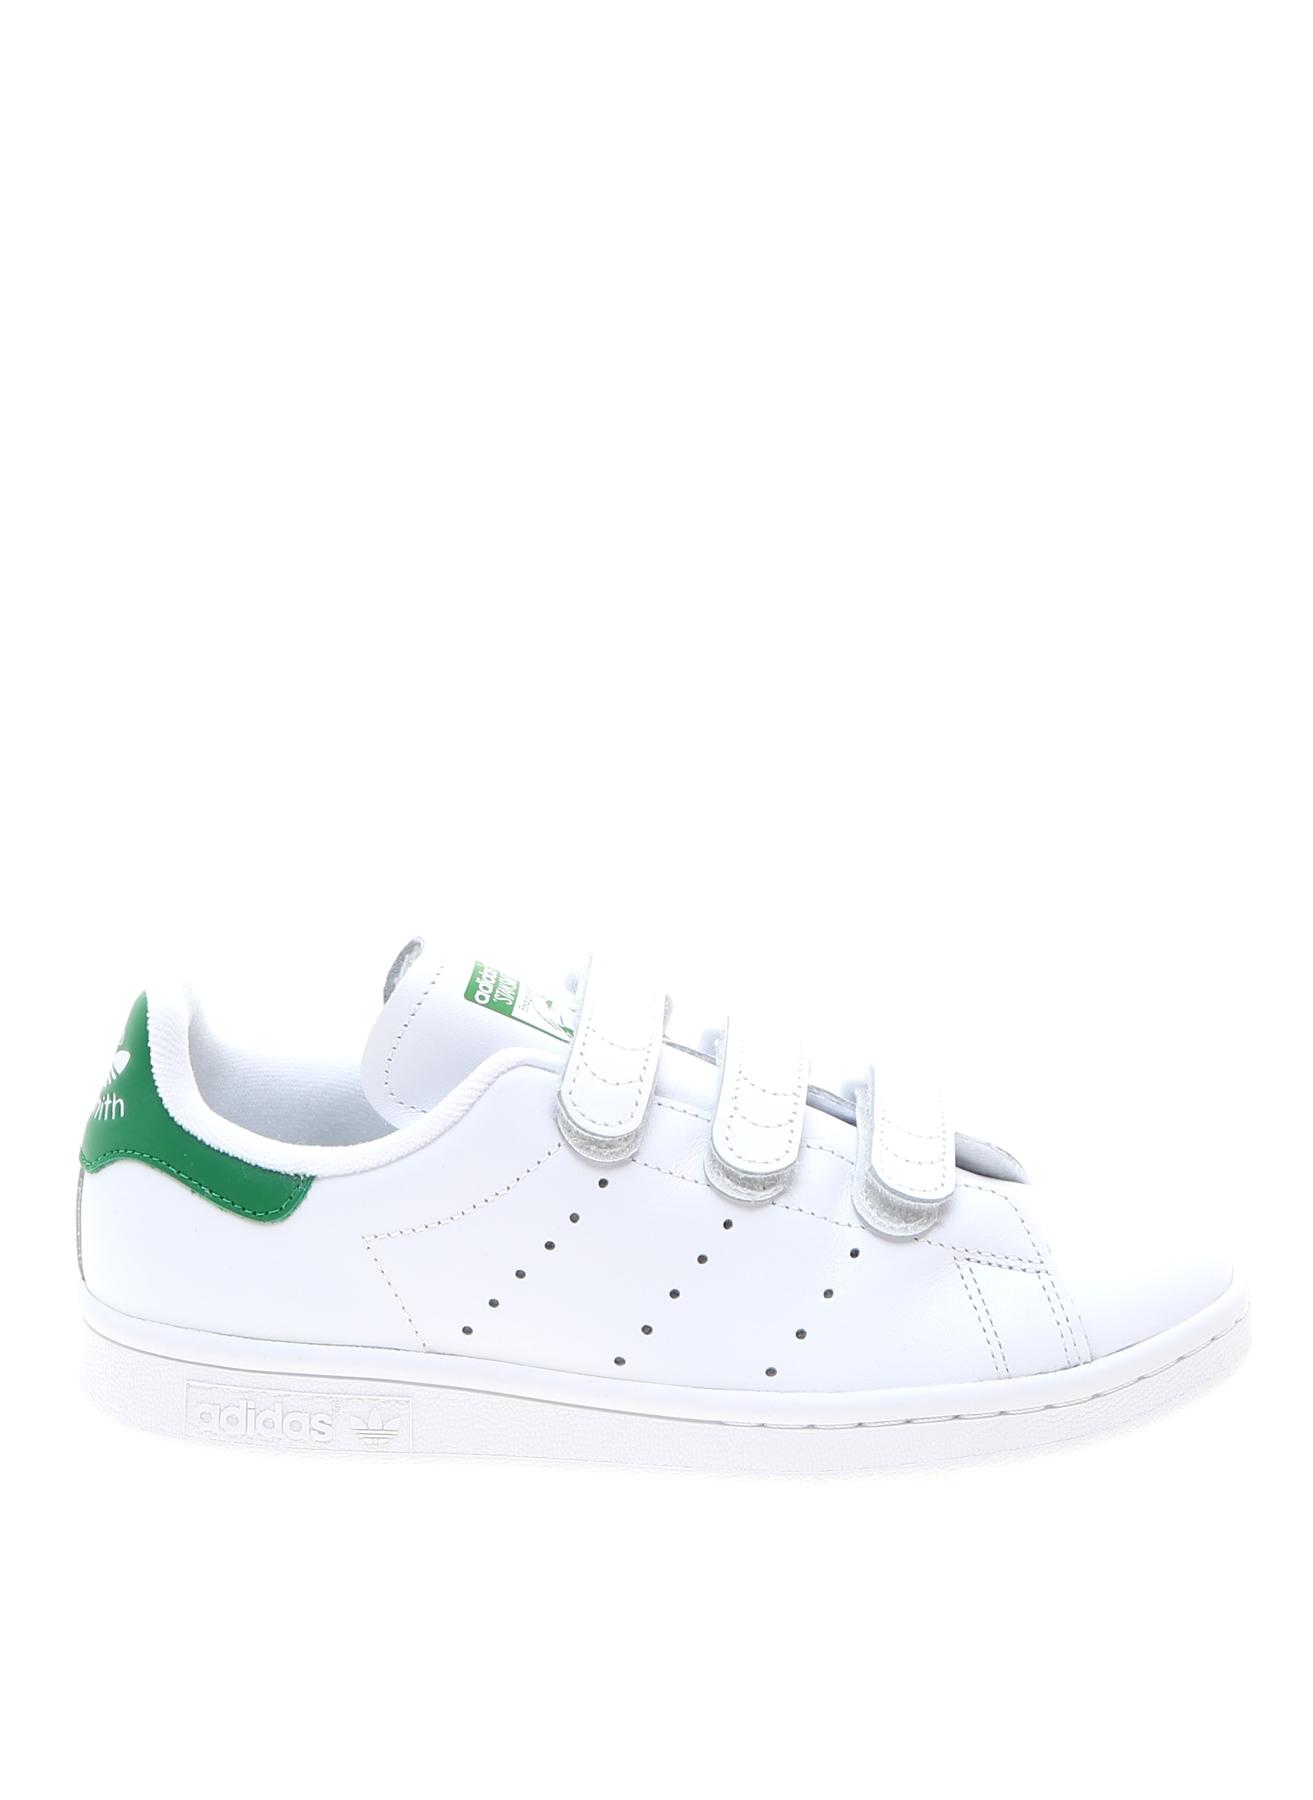 adidas Stan Smith Lıfestyle Ayakkabı 40.5 5000163566008 Ürün Resmi